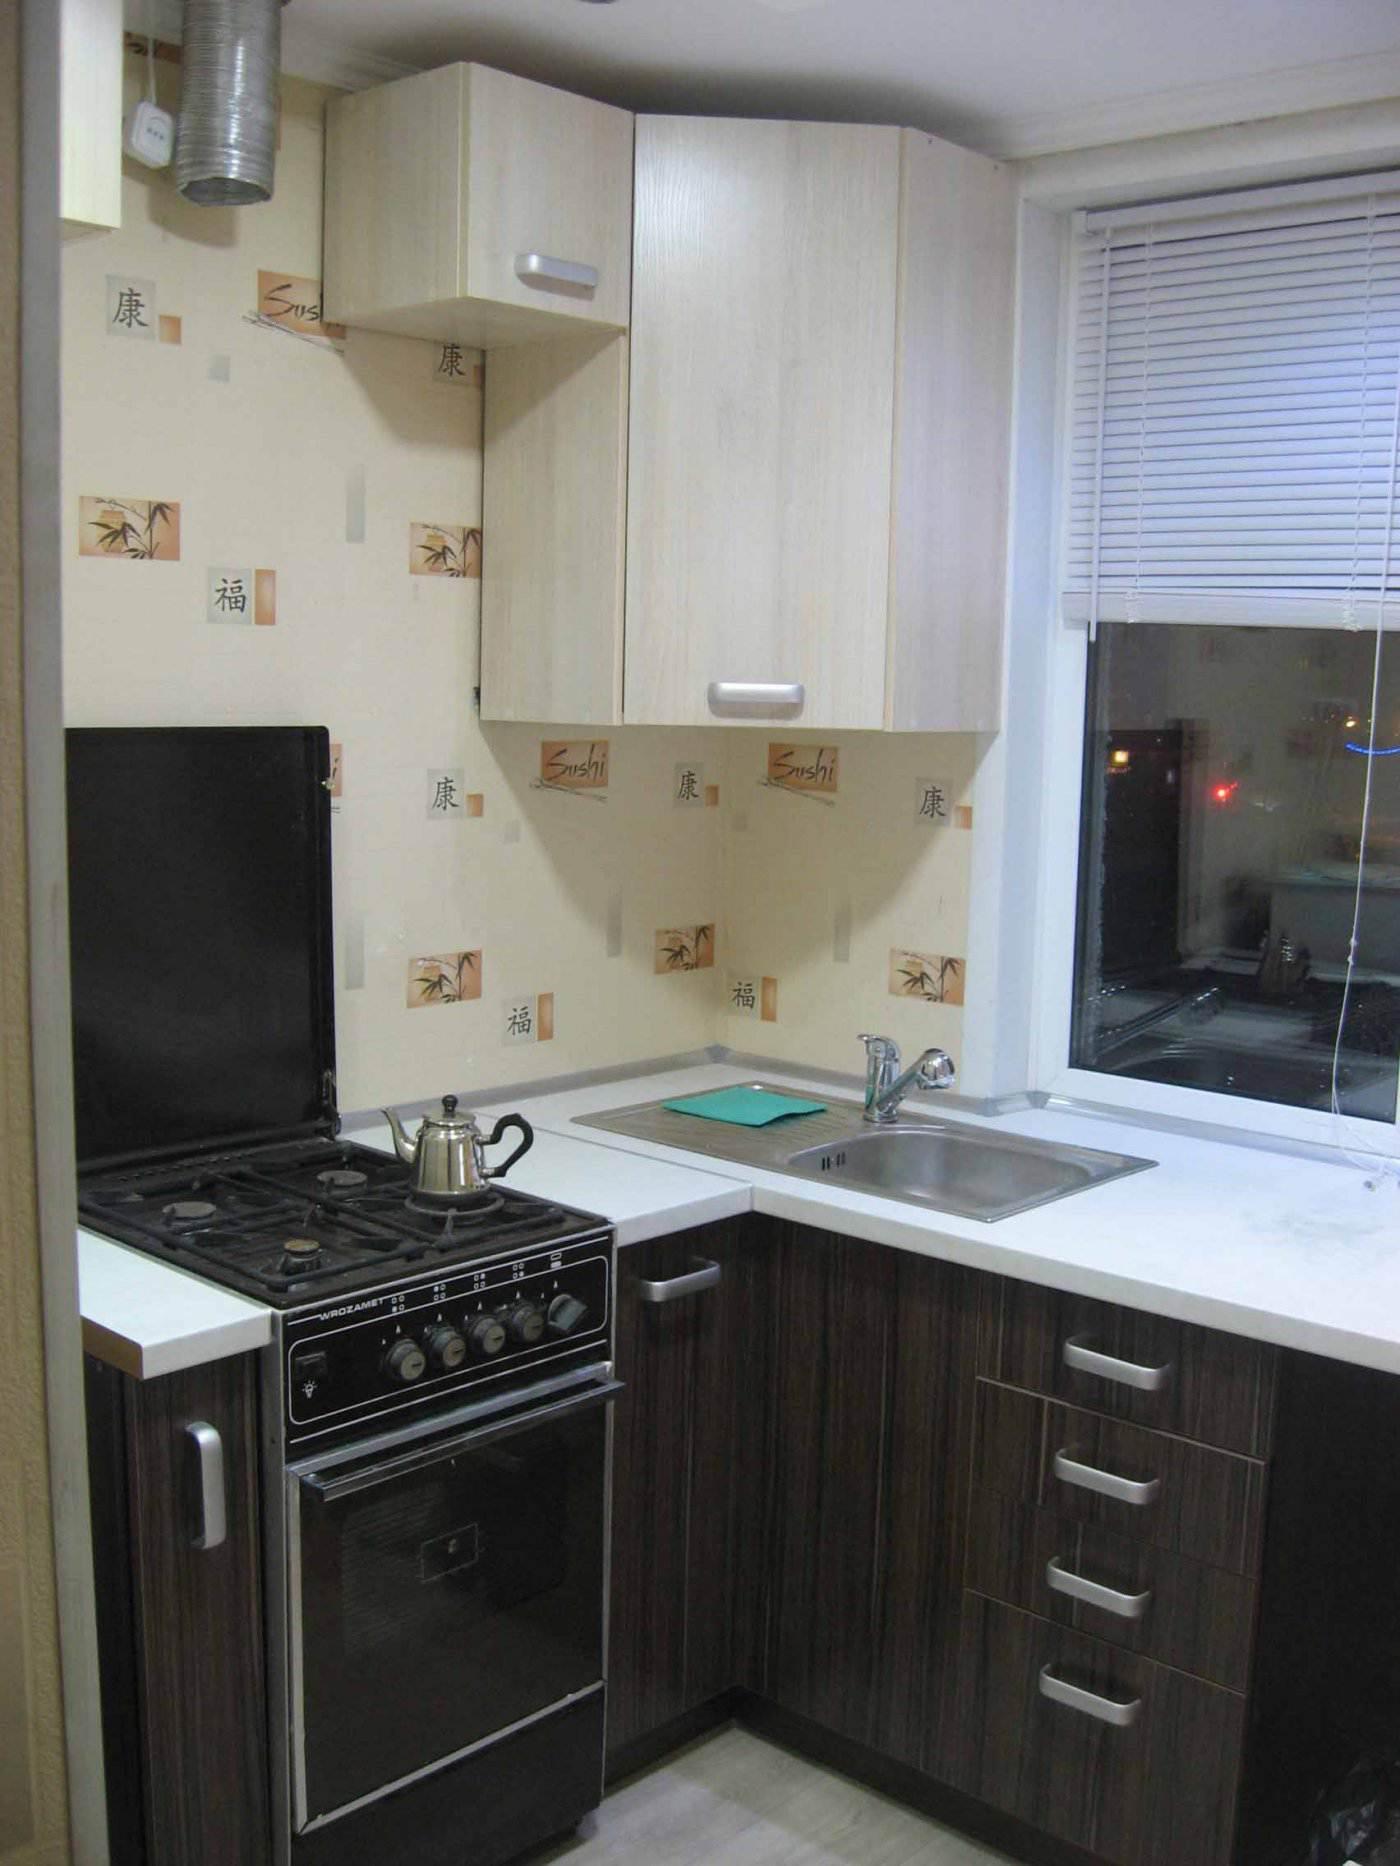 И дизайн угловой кухни 5 5 кв м 18 фото